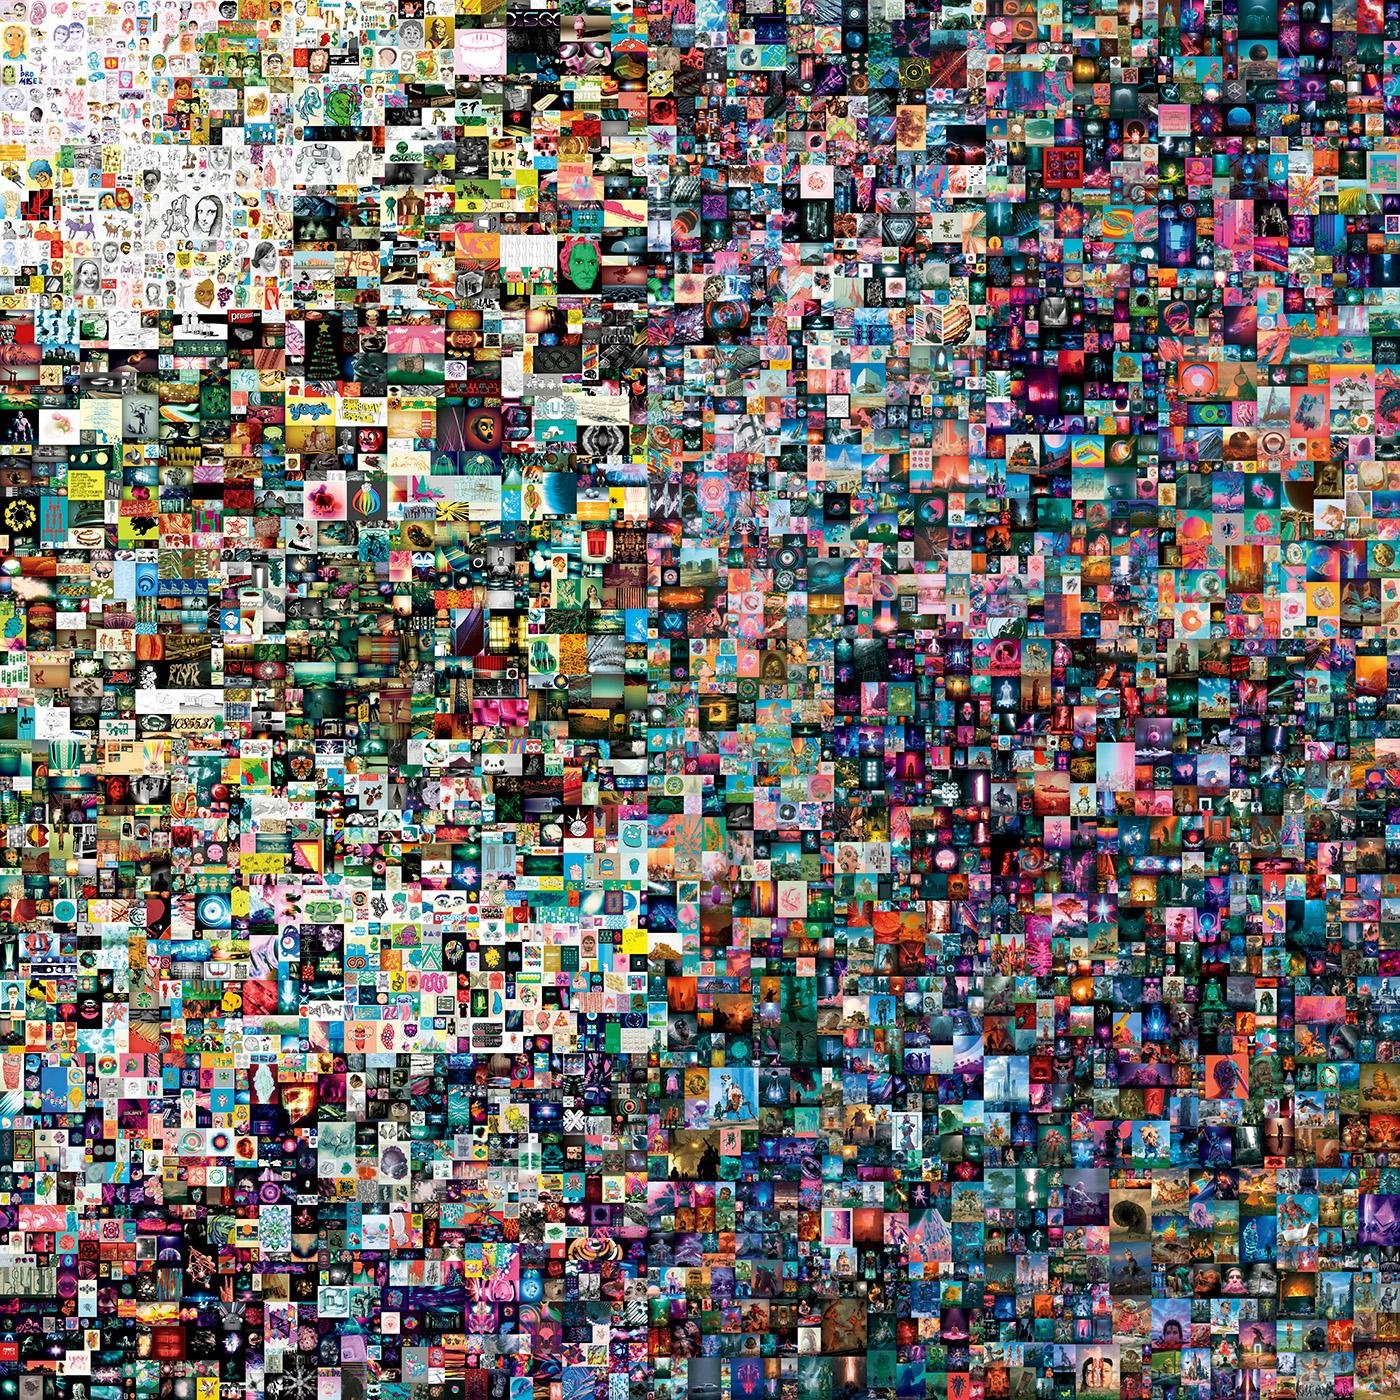 約75億円で落札された作品「Everydays: The First 5000 Days」